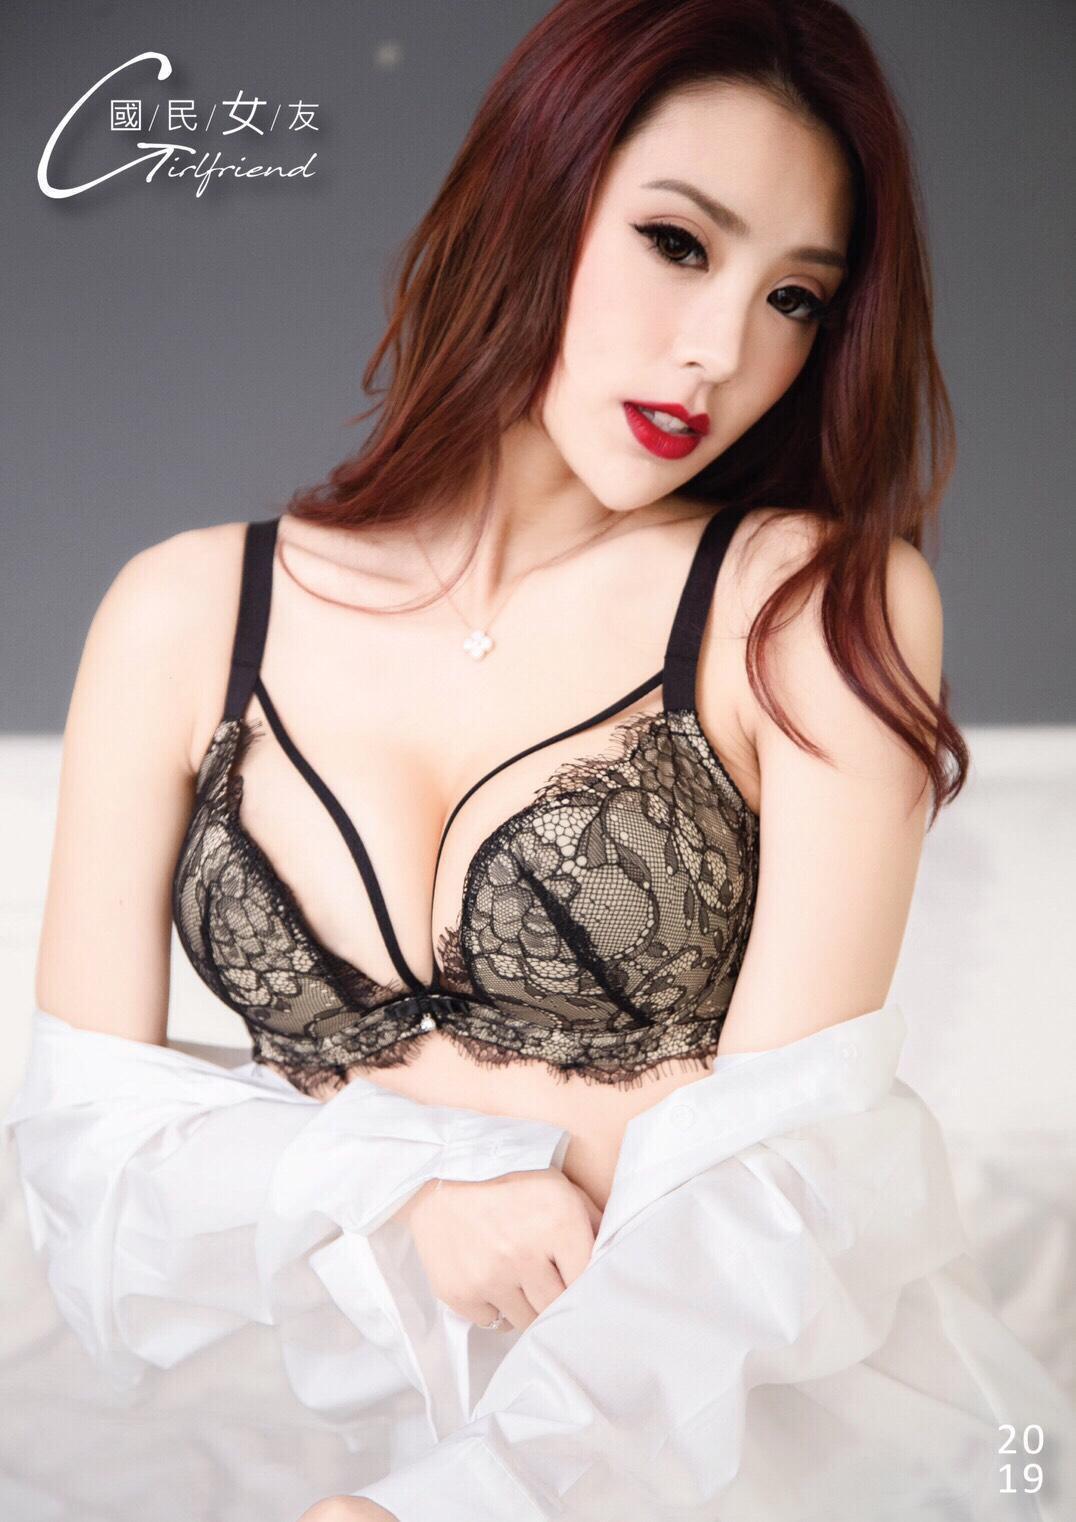 曼達在書中穿上性感內衣與比基尼,大曬渾圓D奶,性感尺度讓粉絲臉紅心跳。(天禾傳媒娛樂提供)